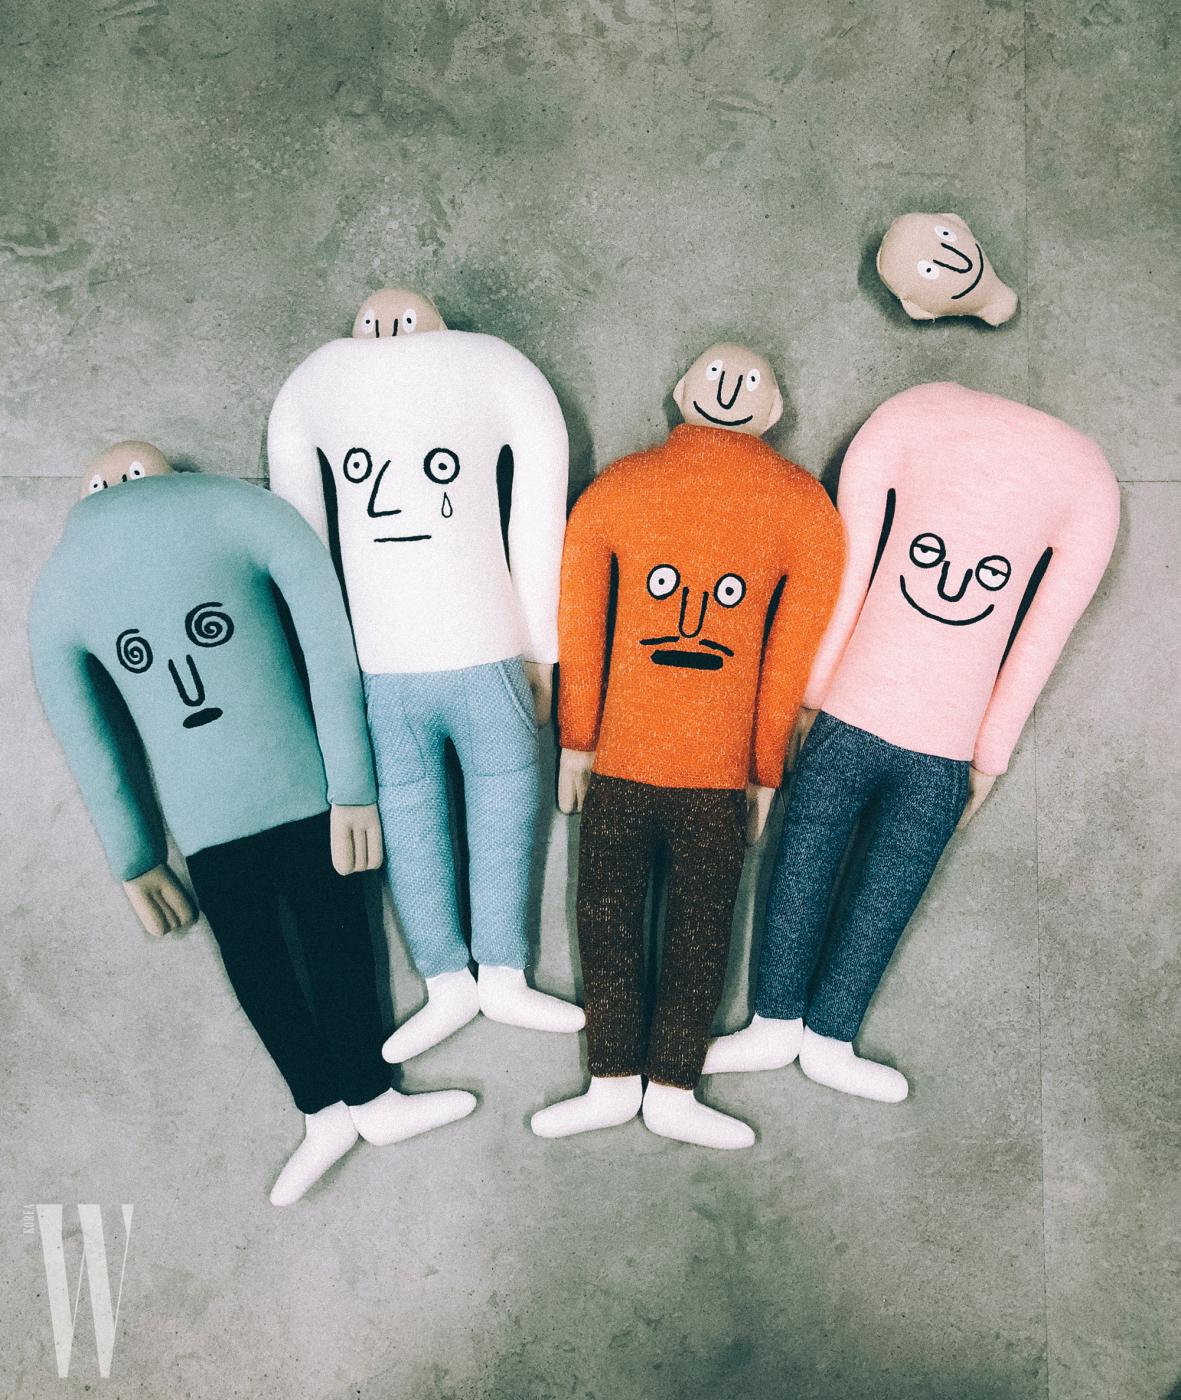 다양한 기분을 나타내는 장 줄리앙의 얼굴 시리즈를 입은 누누 컬렉션의 인형.